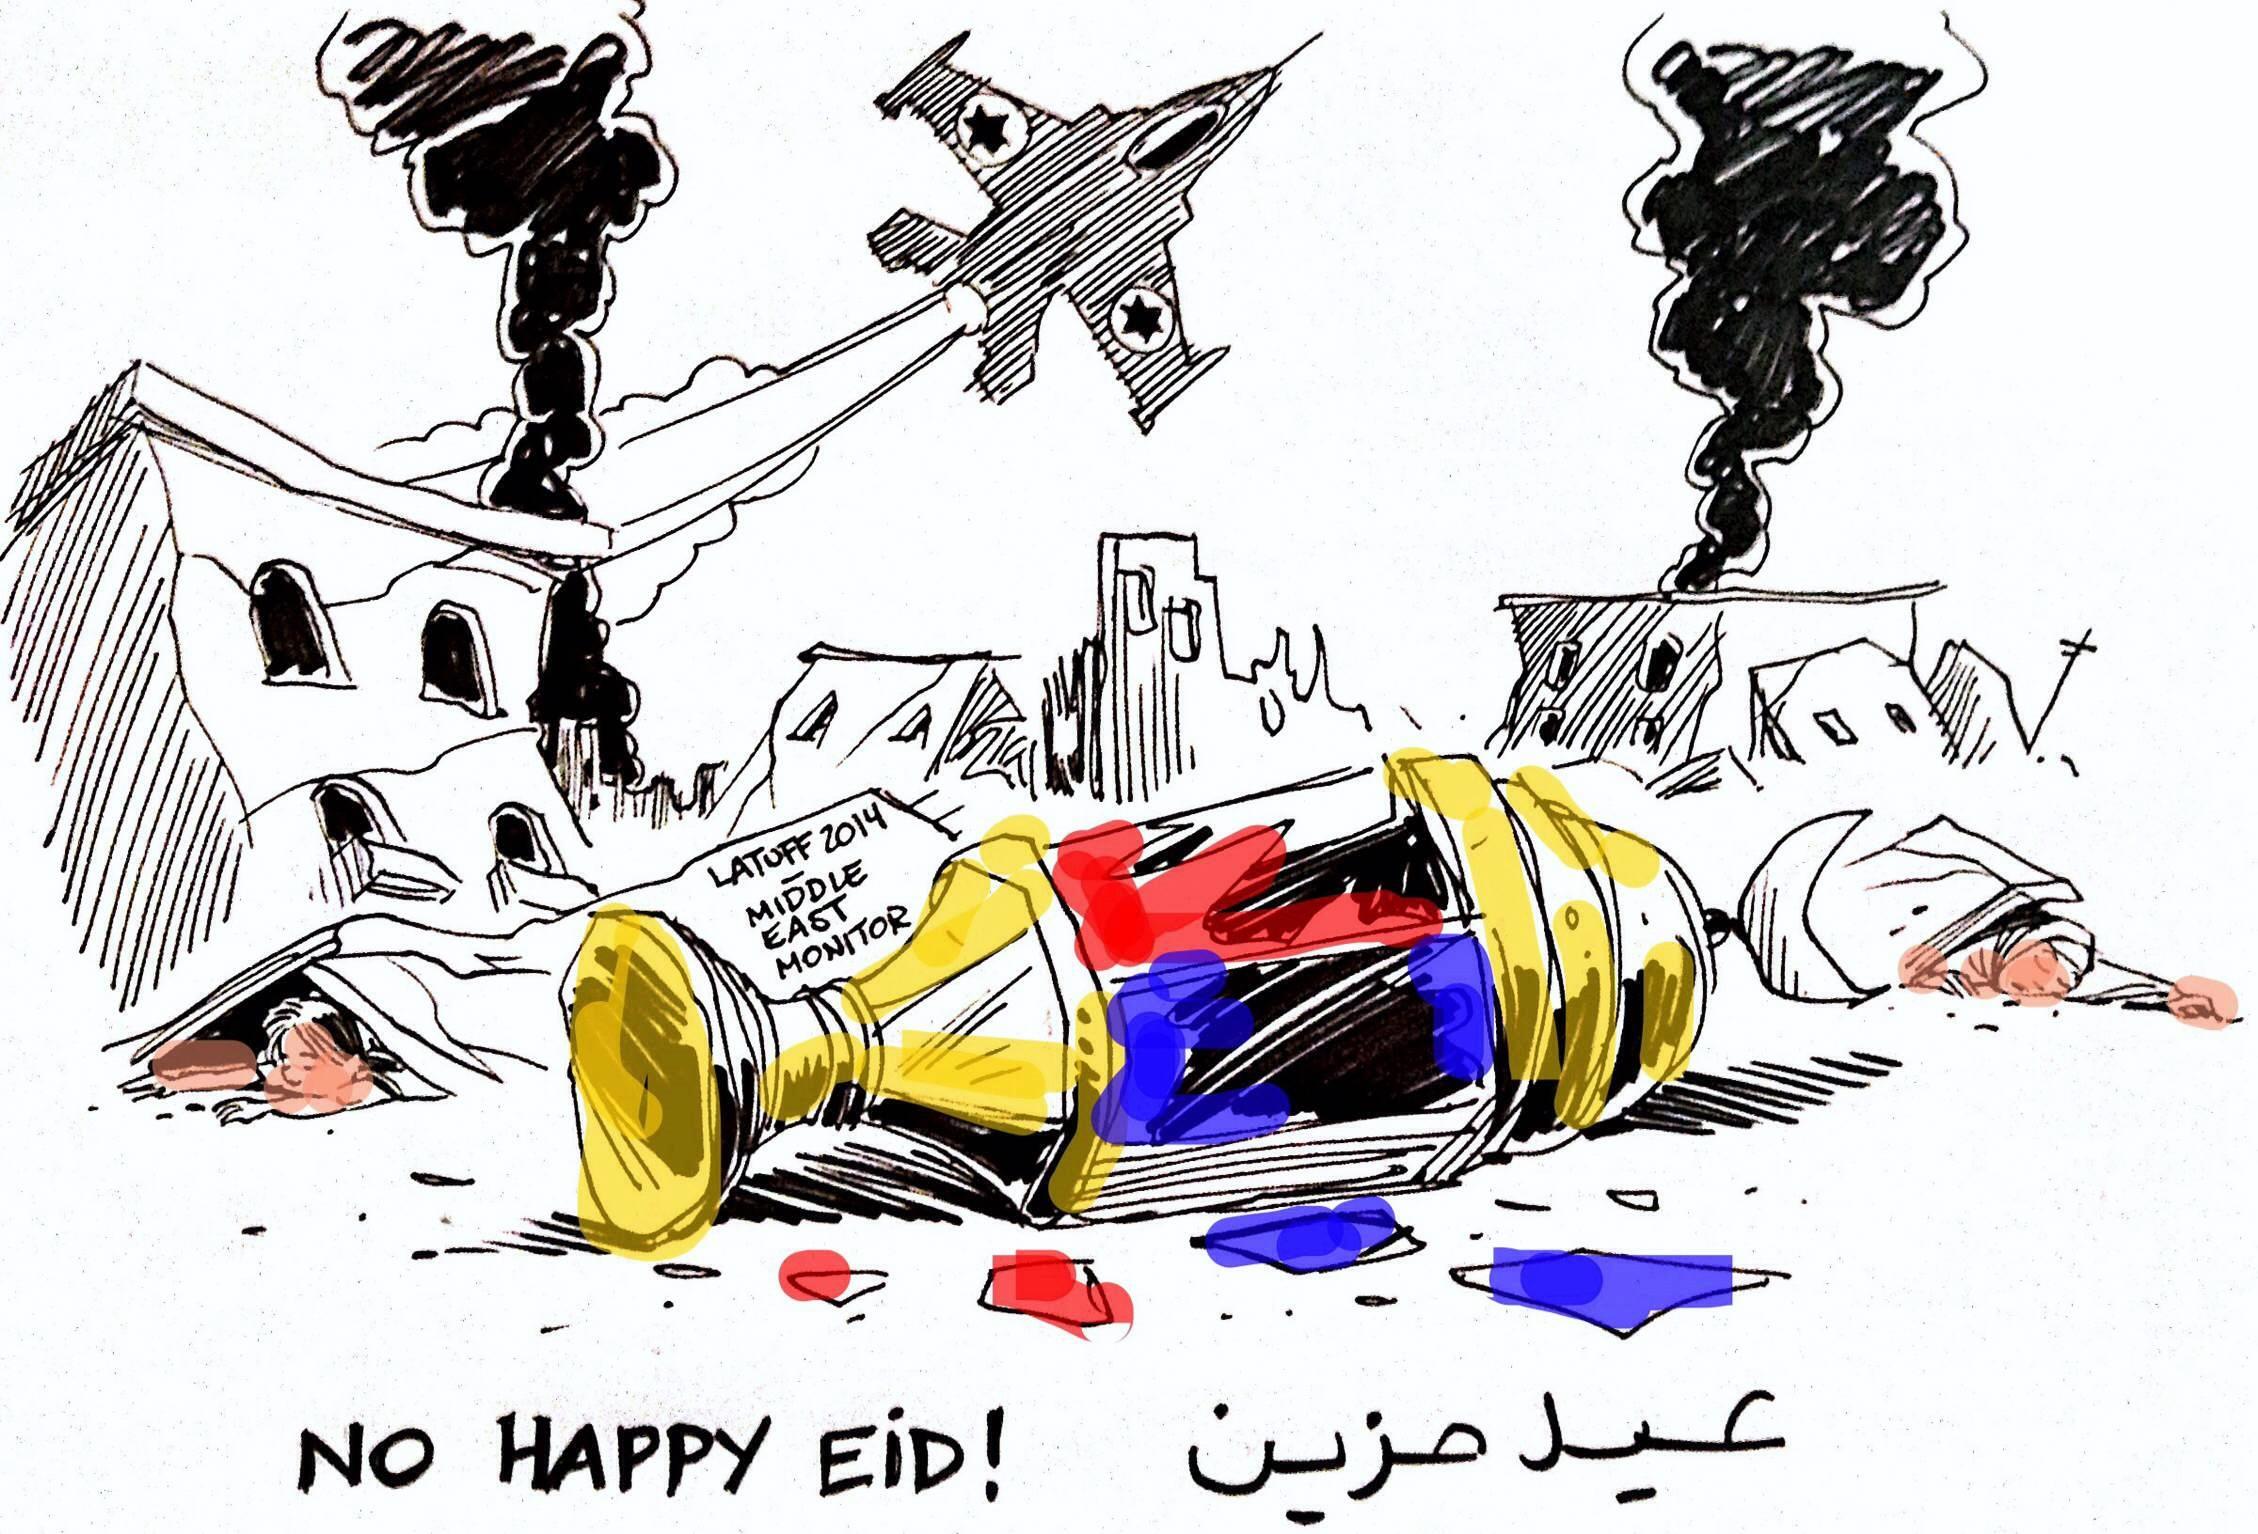 No Happy Eid